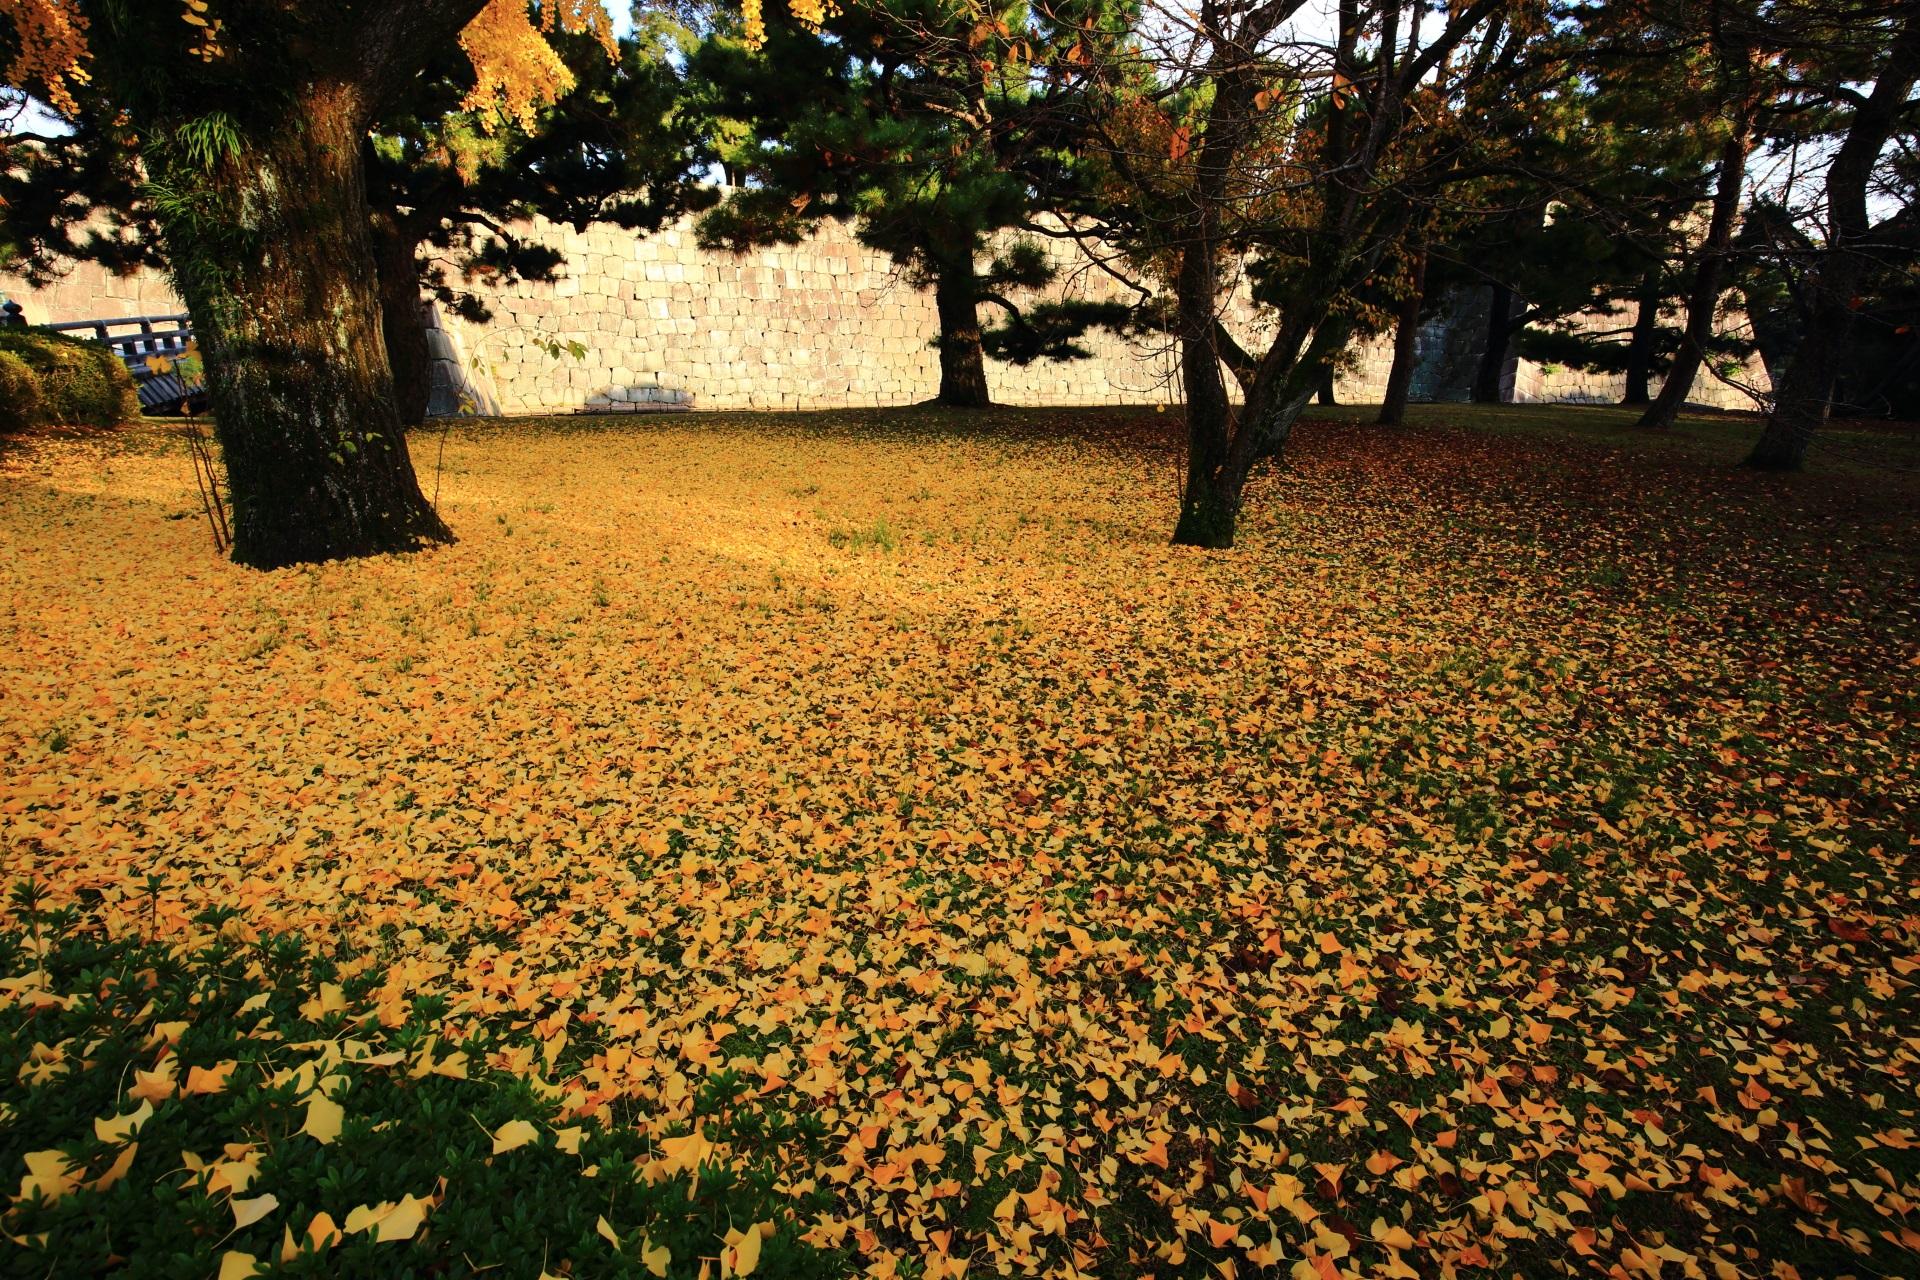 二条城の散り銀杏の華やかで上品な絨毯